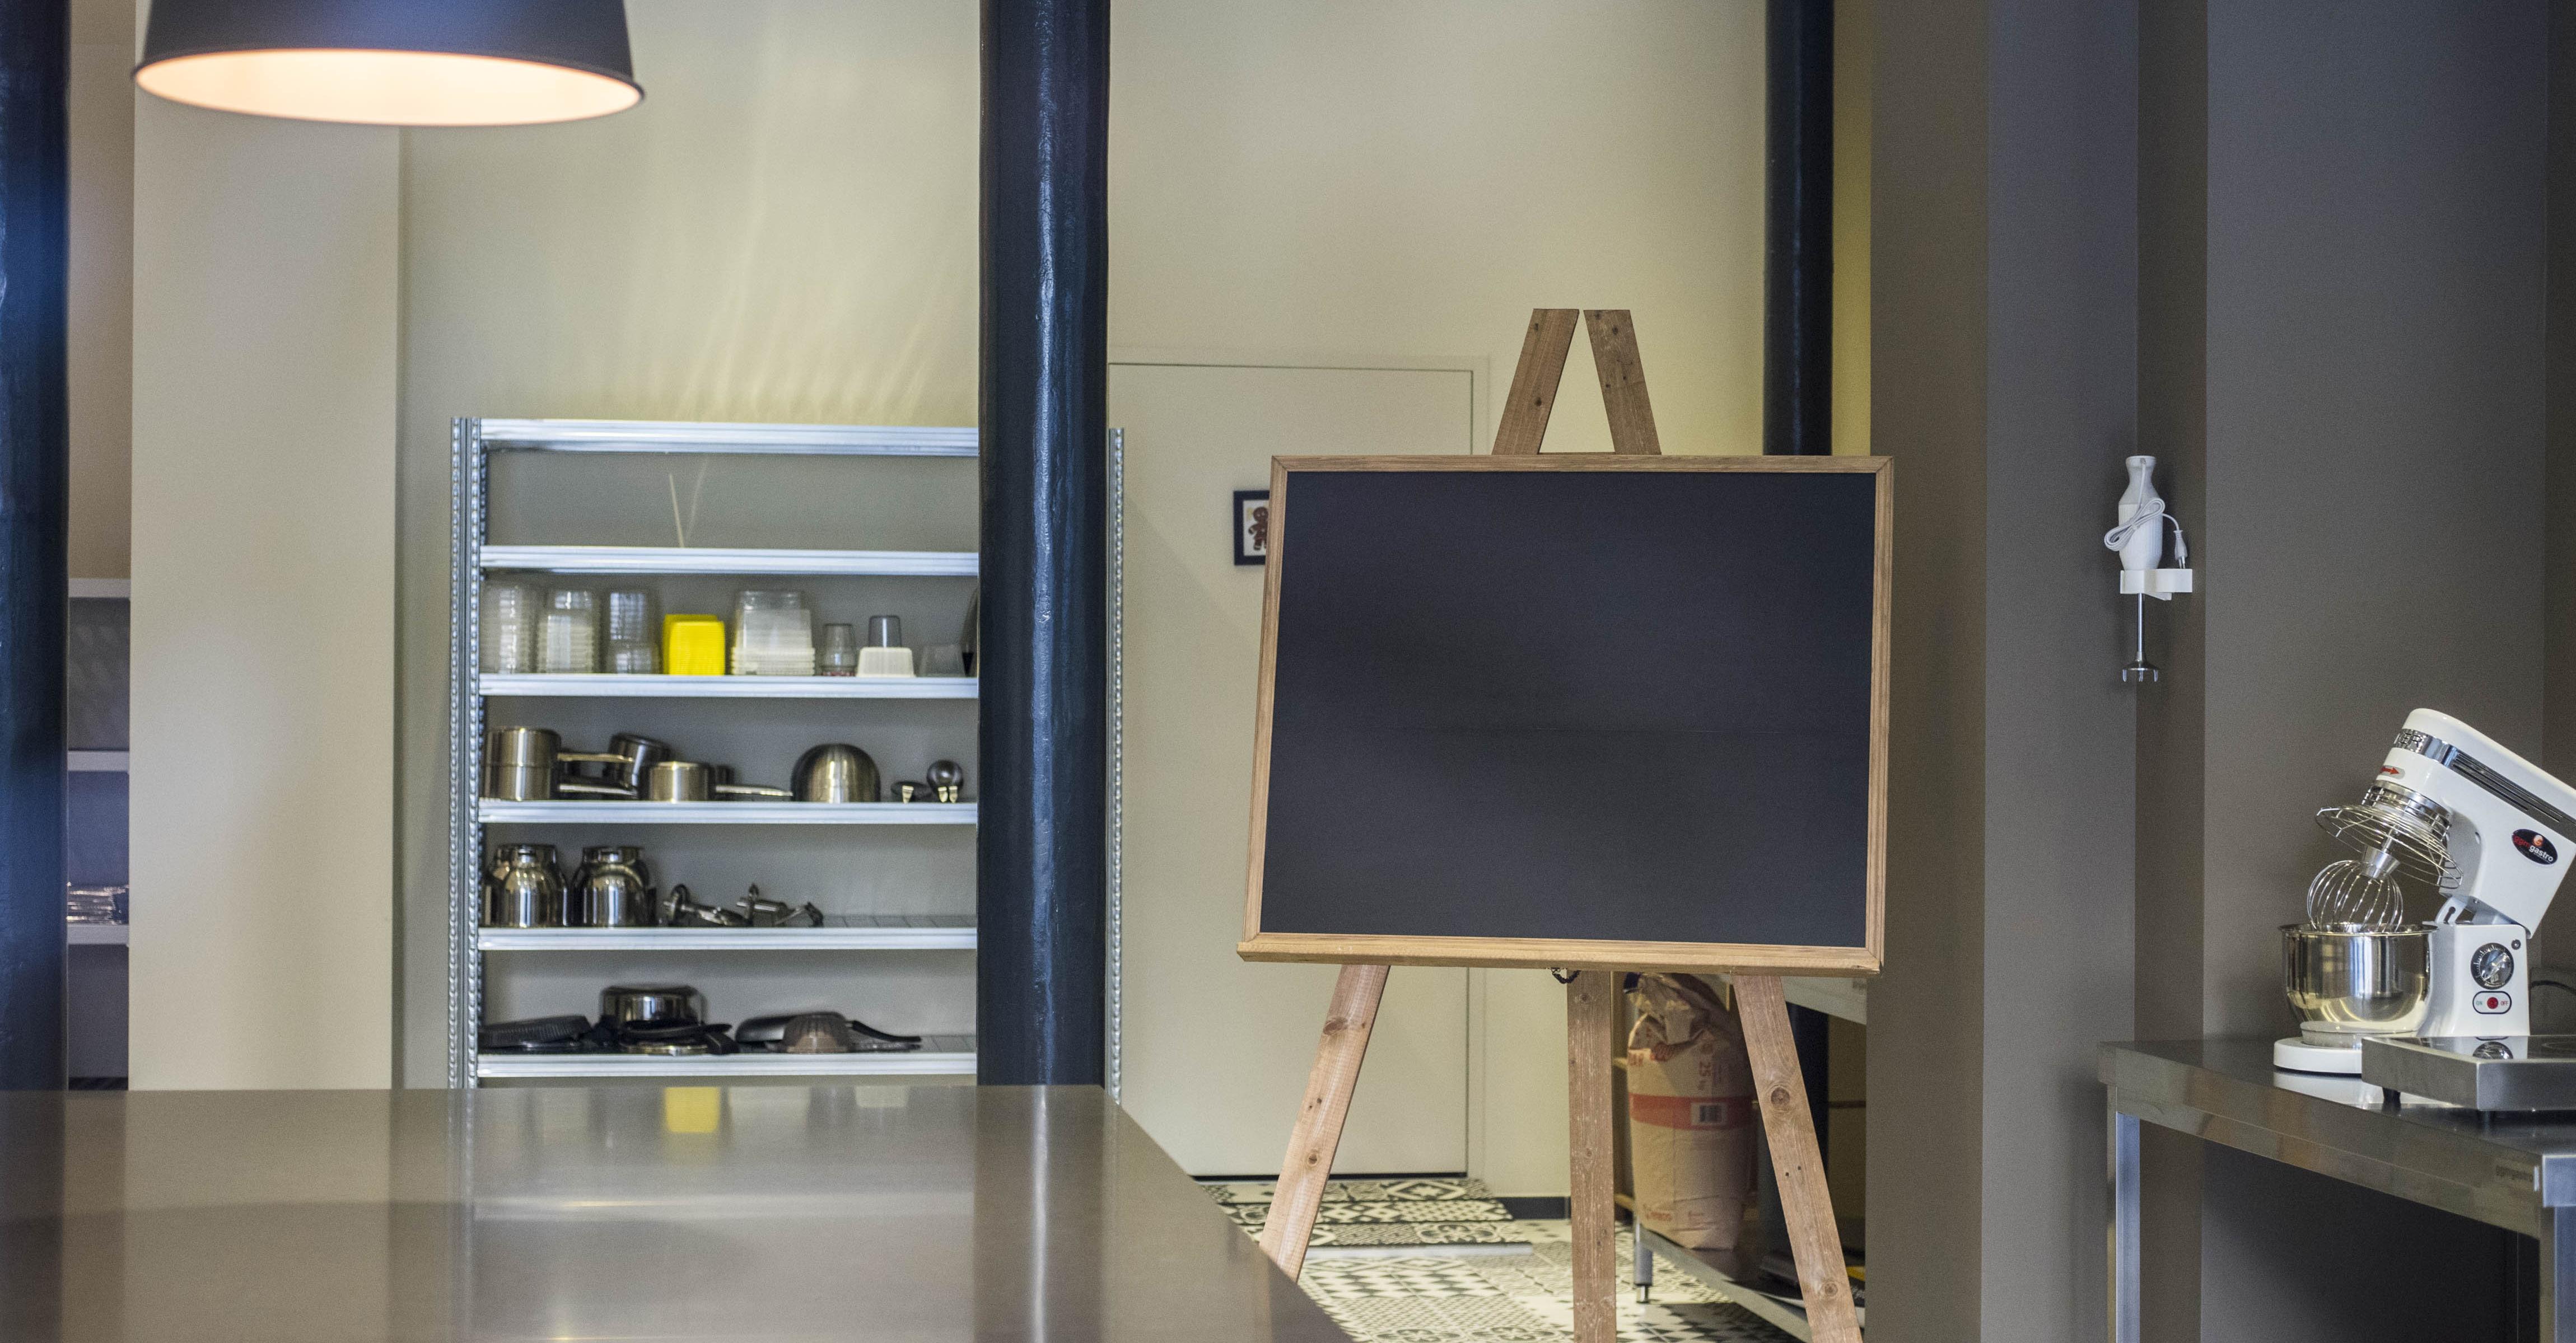 Labo à marseille, ateliers de pâtisserie, événement, location